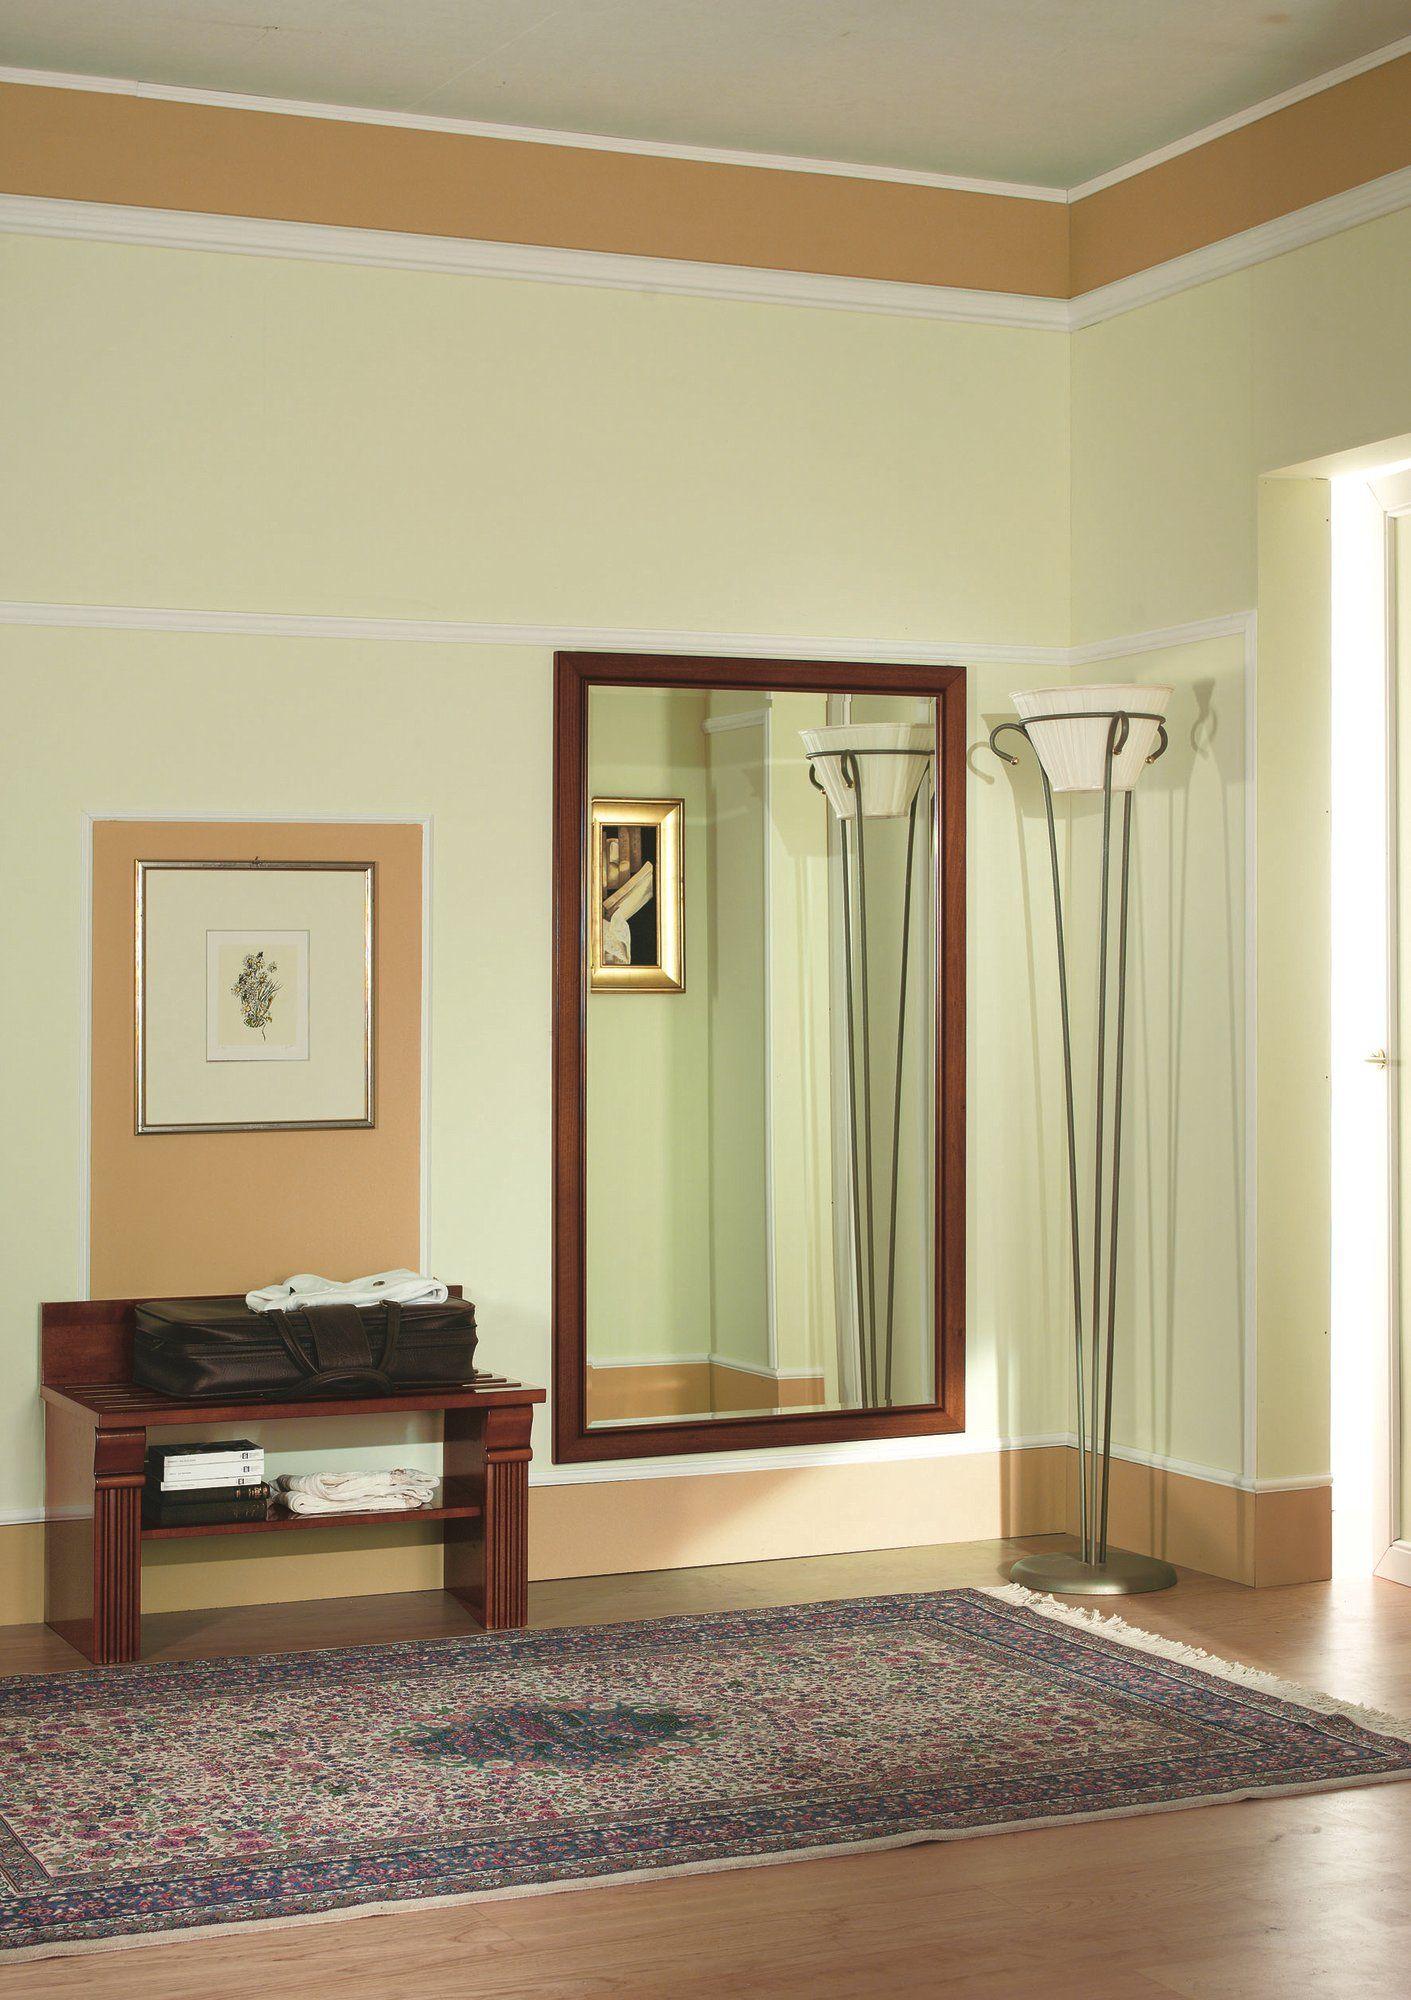 Venezia miroir pour hall d 39 entr e by dall agnese for Miroir pour entree